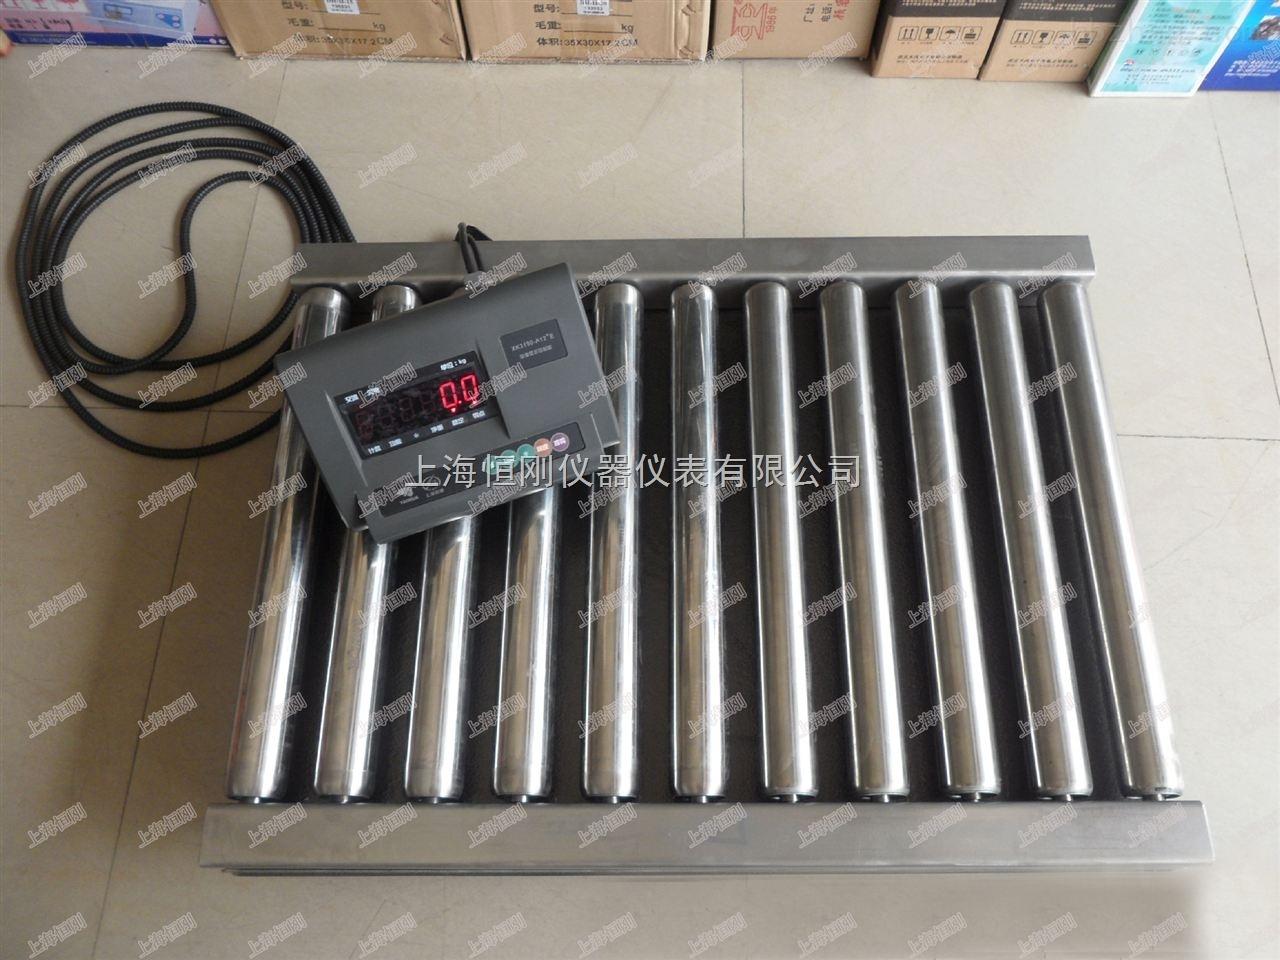 吉林市60kg滚筒电子秤